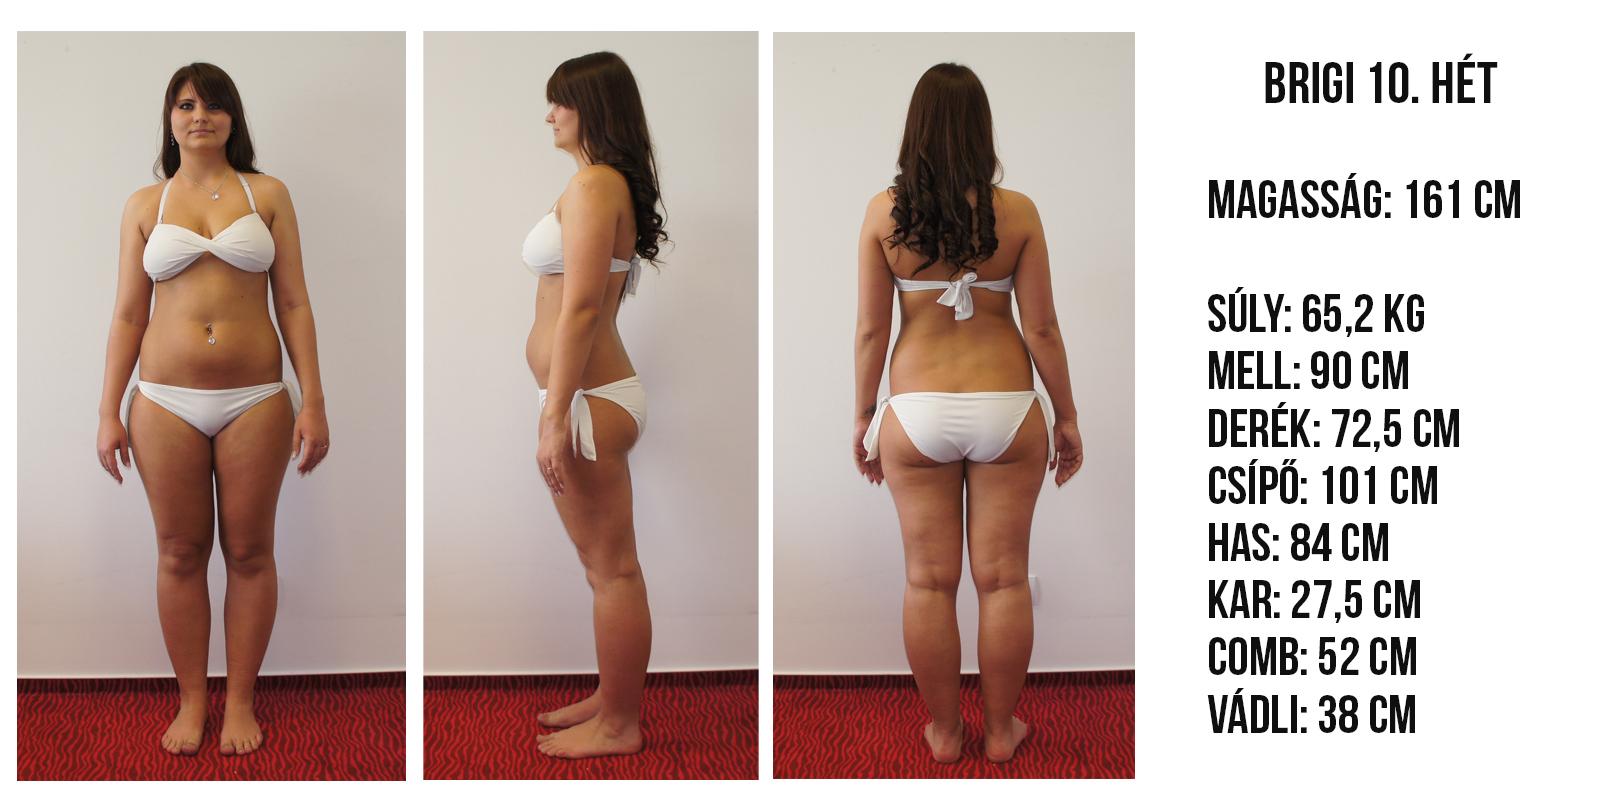 Útmutató, hogy lefogy egy hónap alatt, A minimális idő fogyni 20 kg